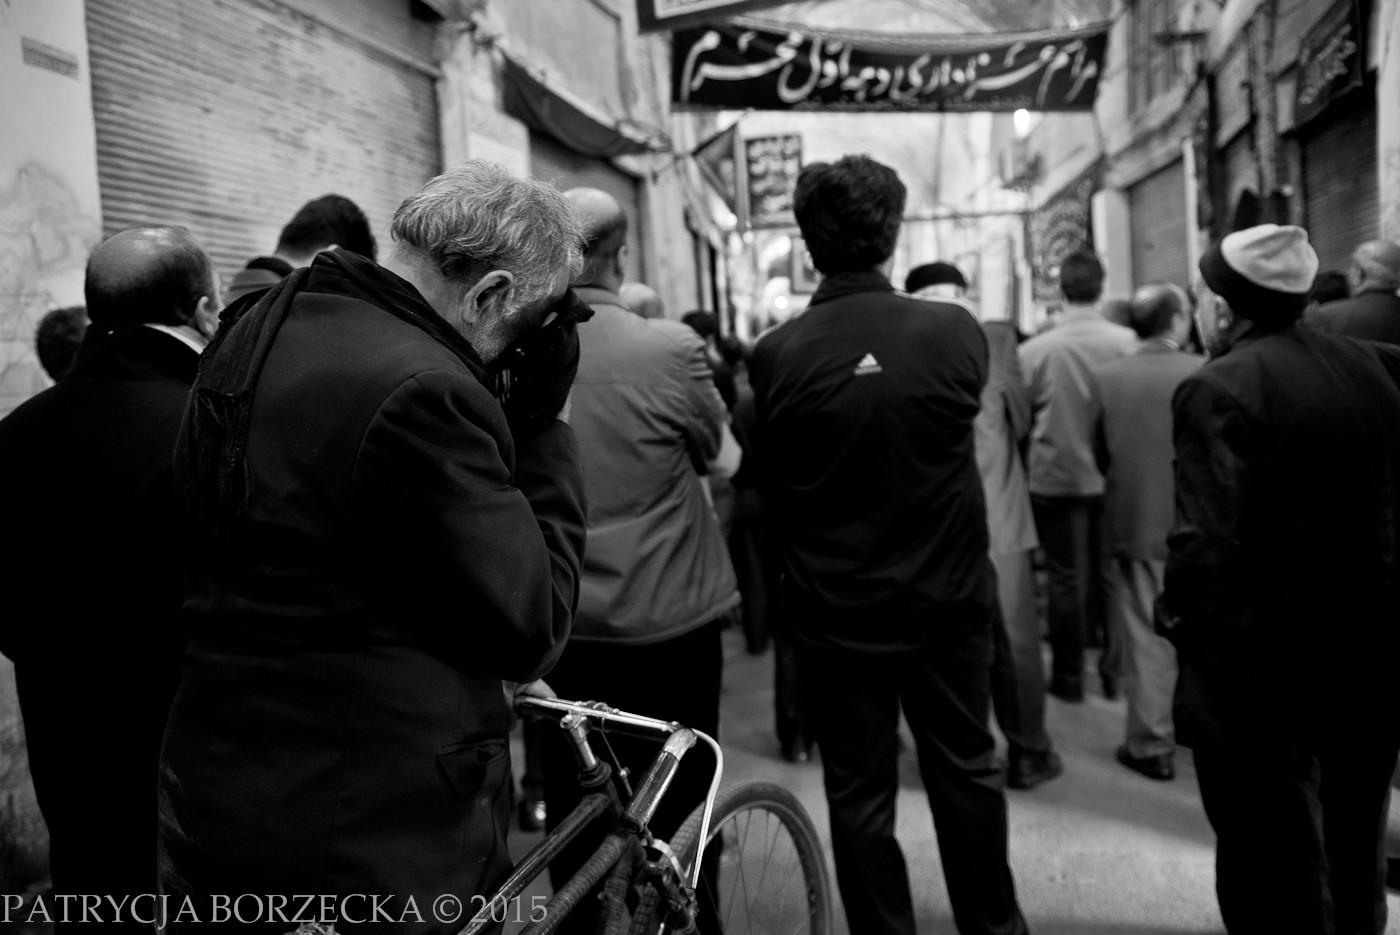 PatrycjaBorzecka-photo-Muharram17